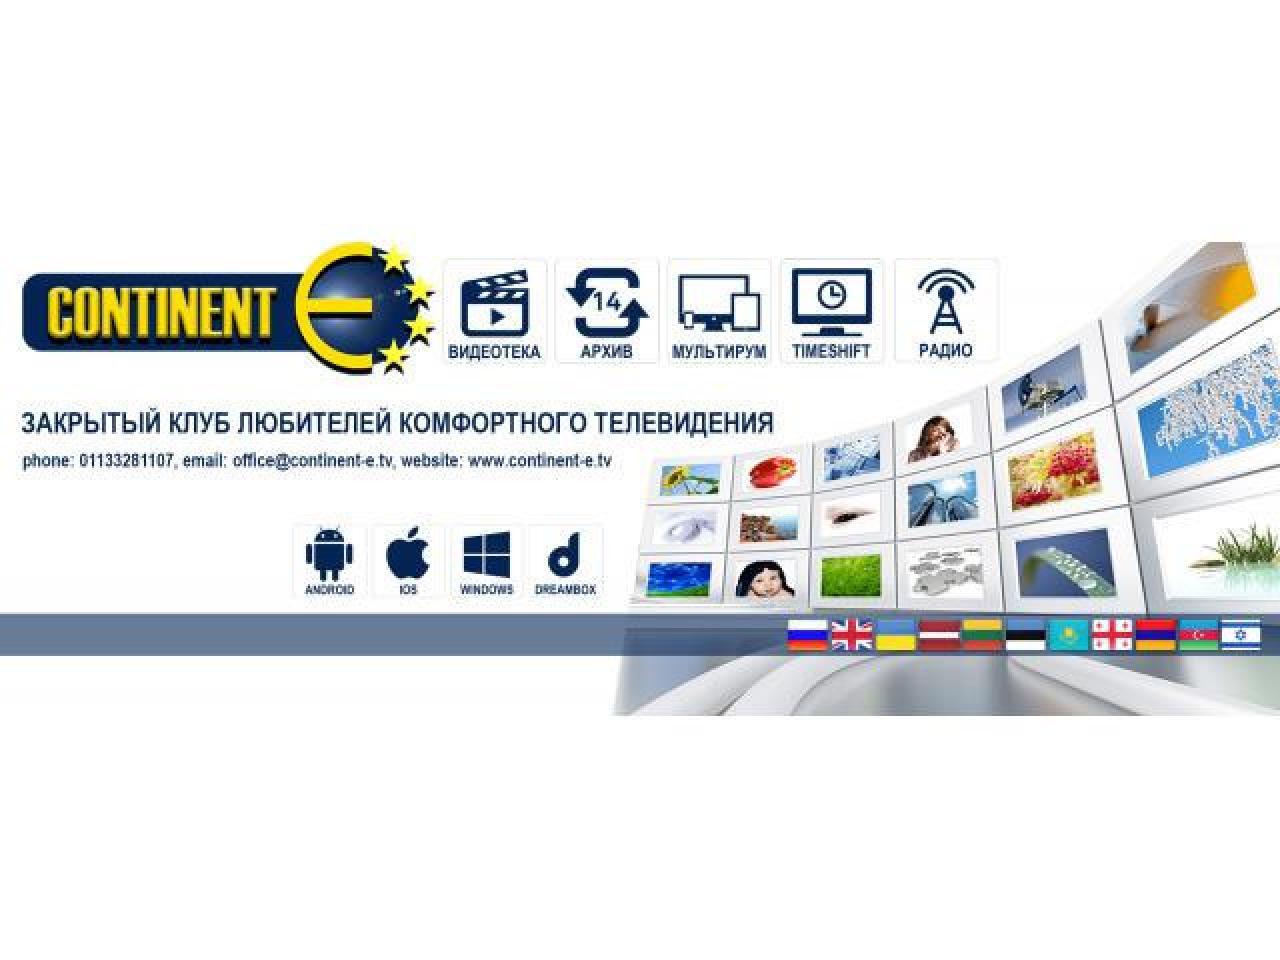 Что такое Continent-E TV? - 1